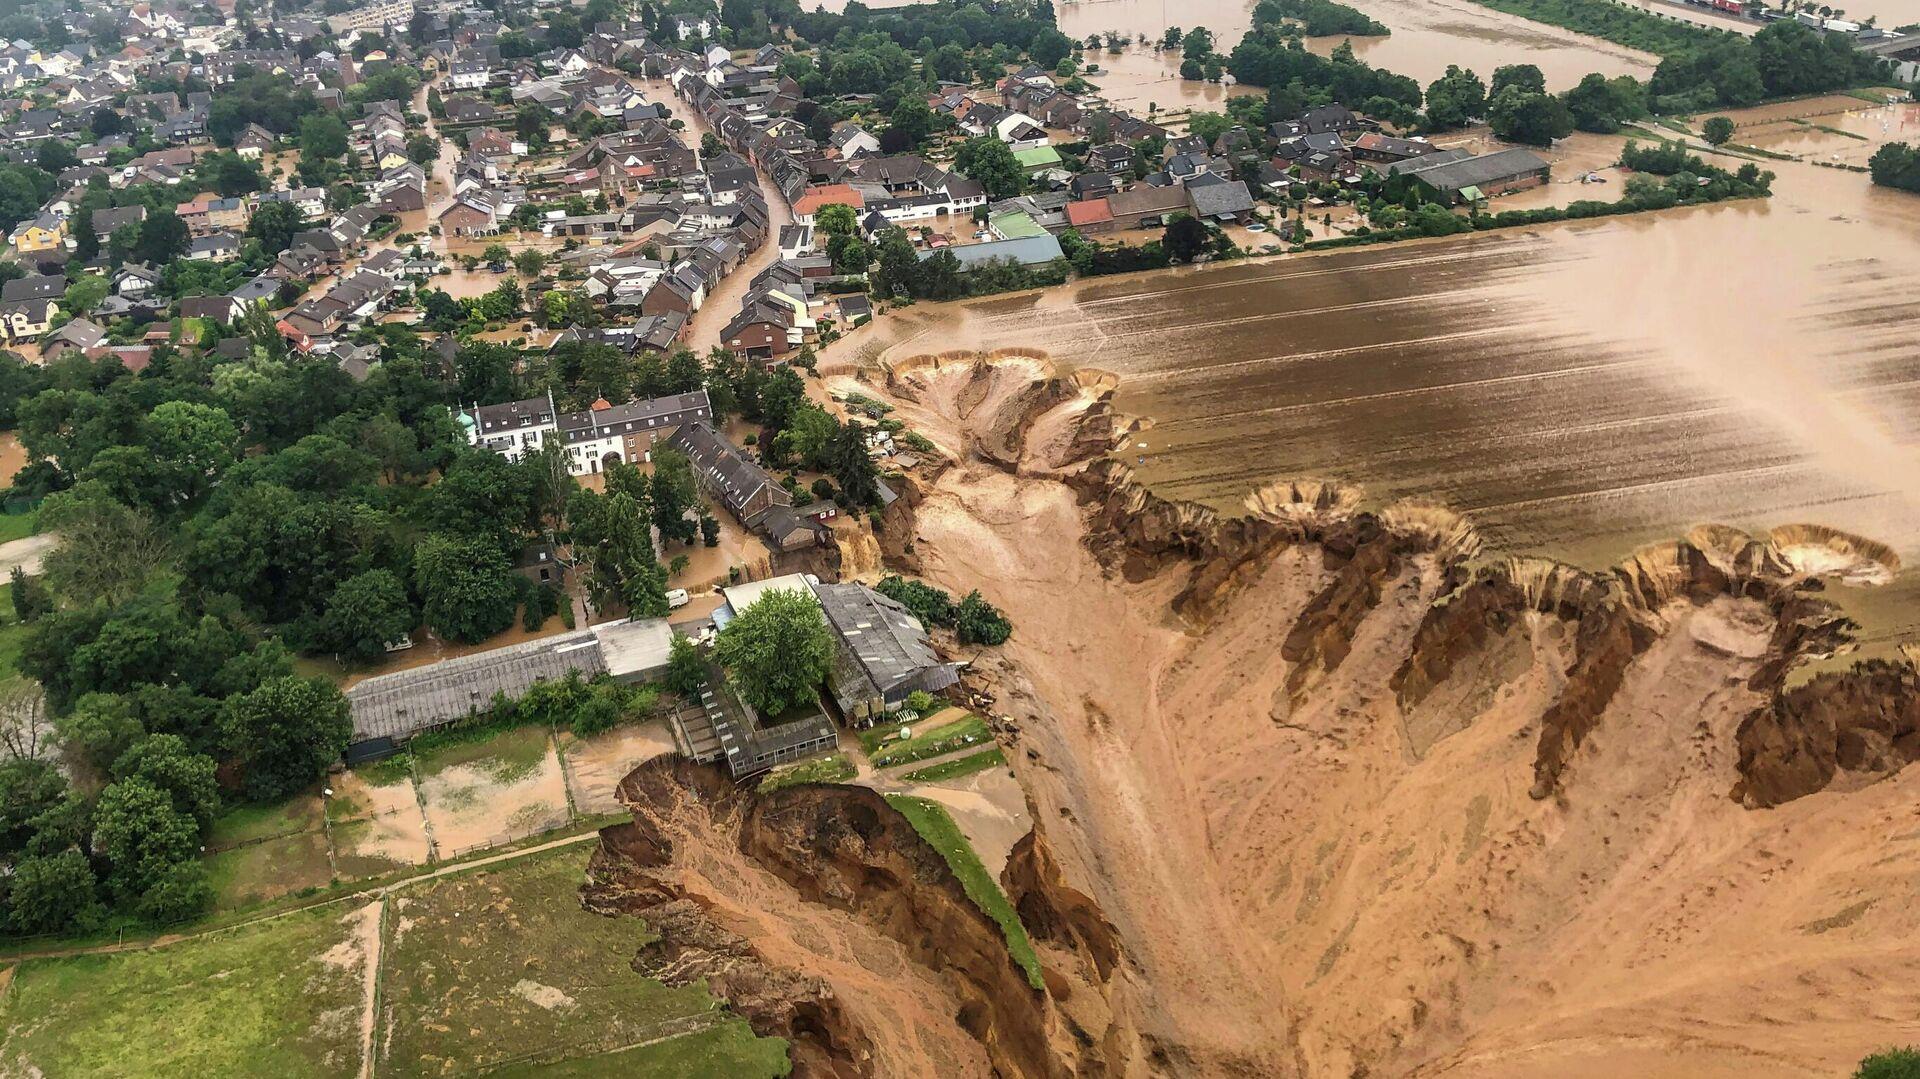 Последствия наводнения в Эрфтштадт-Блессем, Германия - РИА Новости, 1920, 17.07.2021